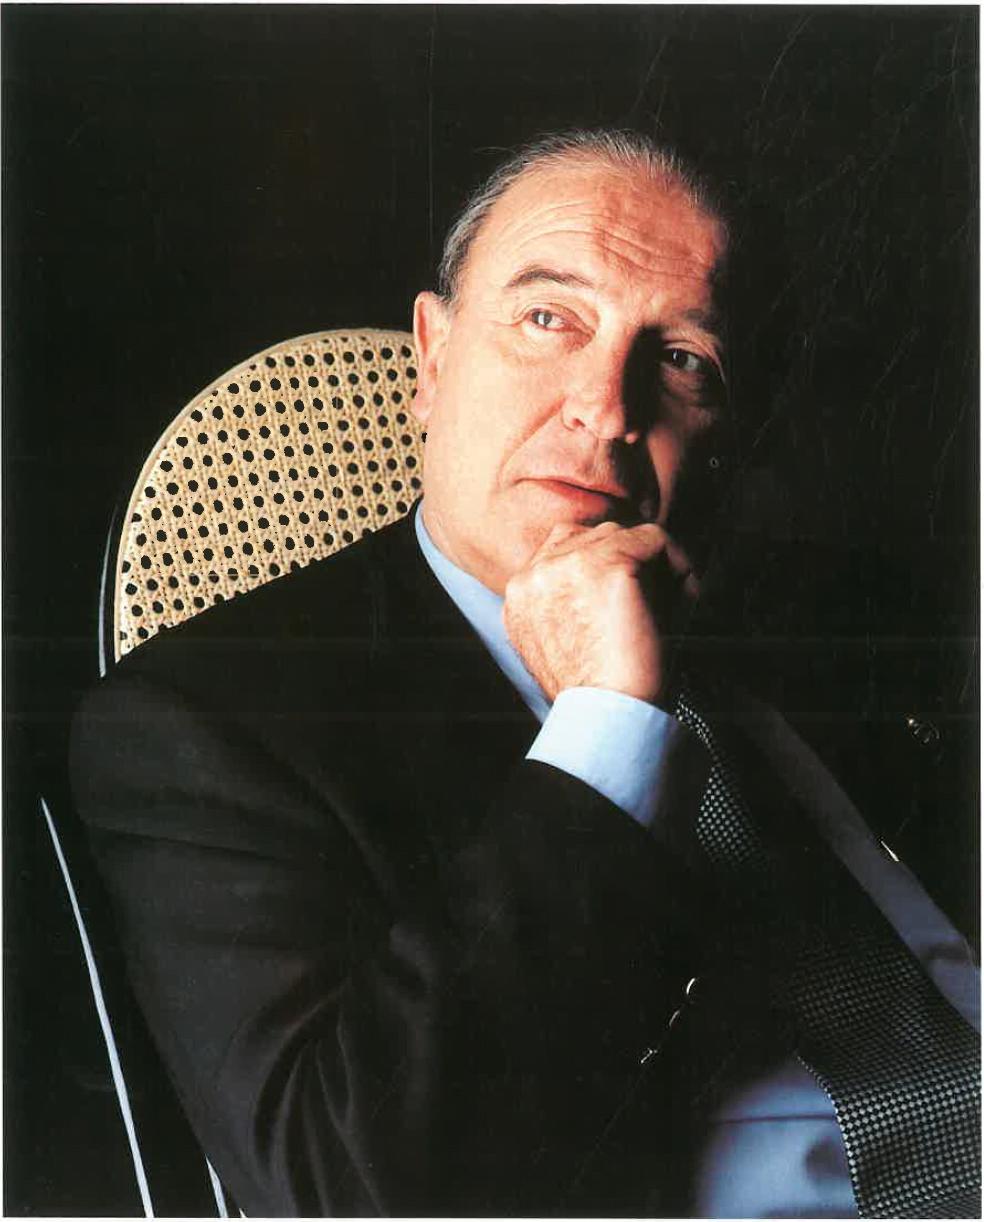 Josep Calbetó Giménez